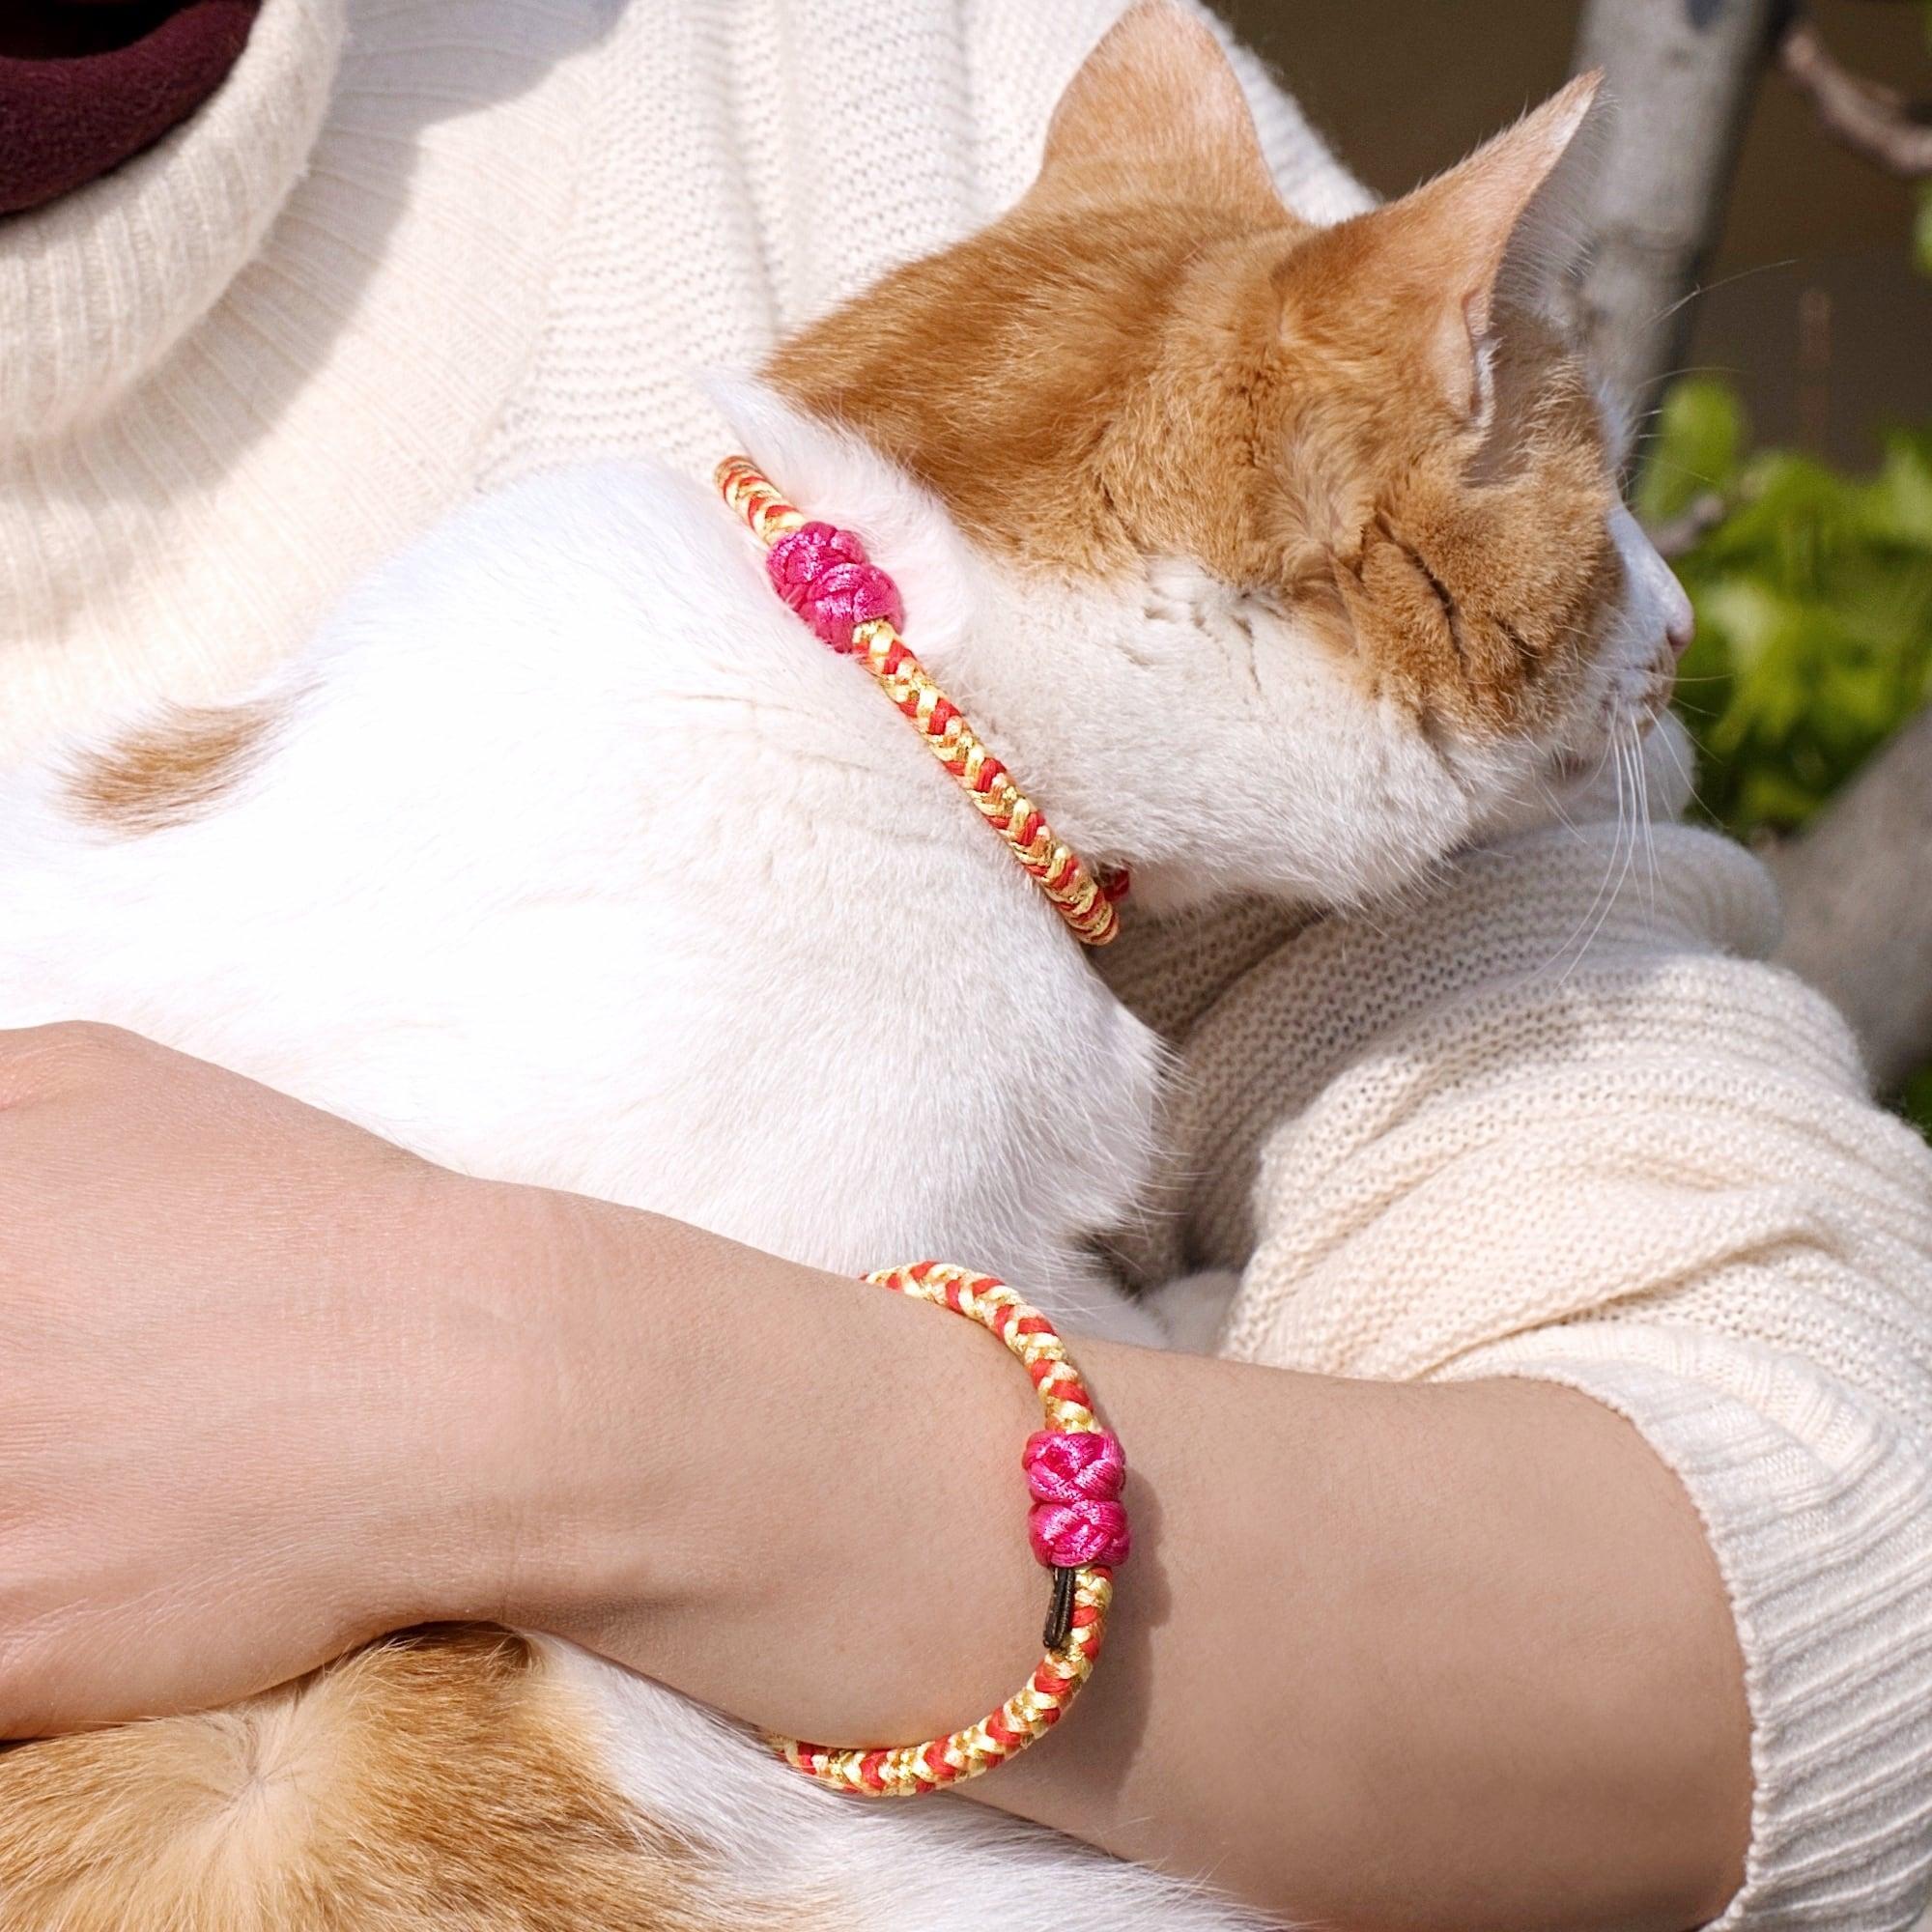 【ペア】Pink Lady 組紐ブレスレット&猫首輪 ペアセット